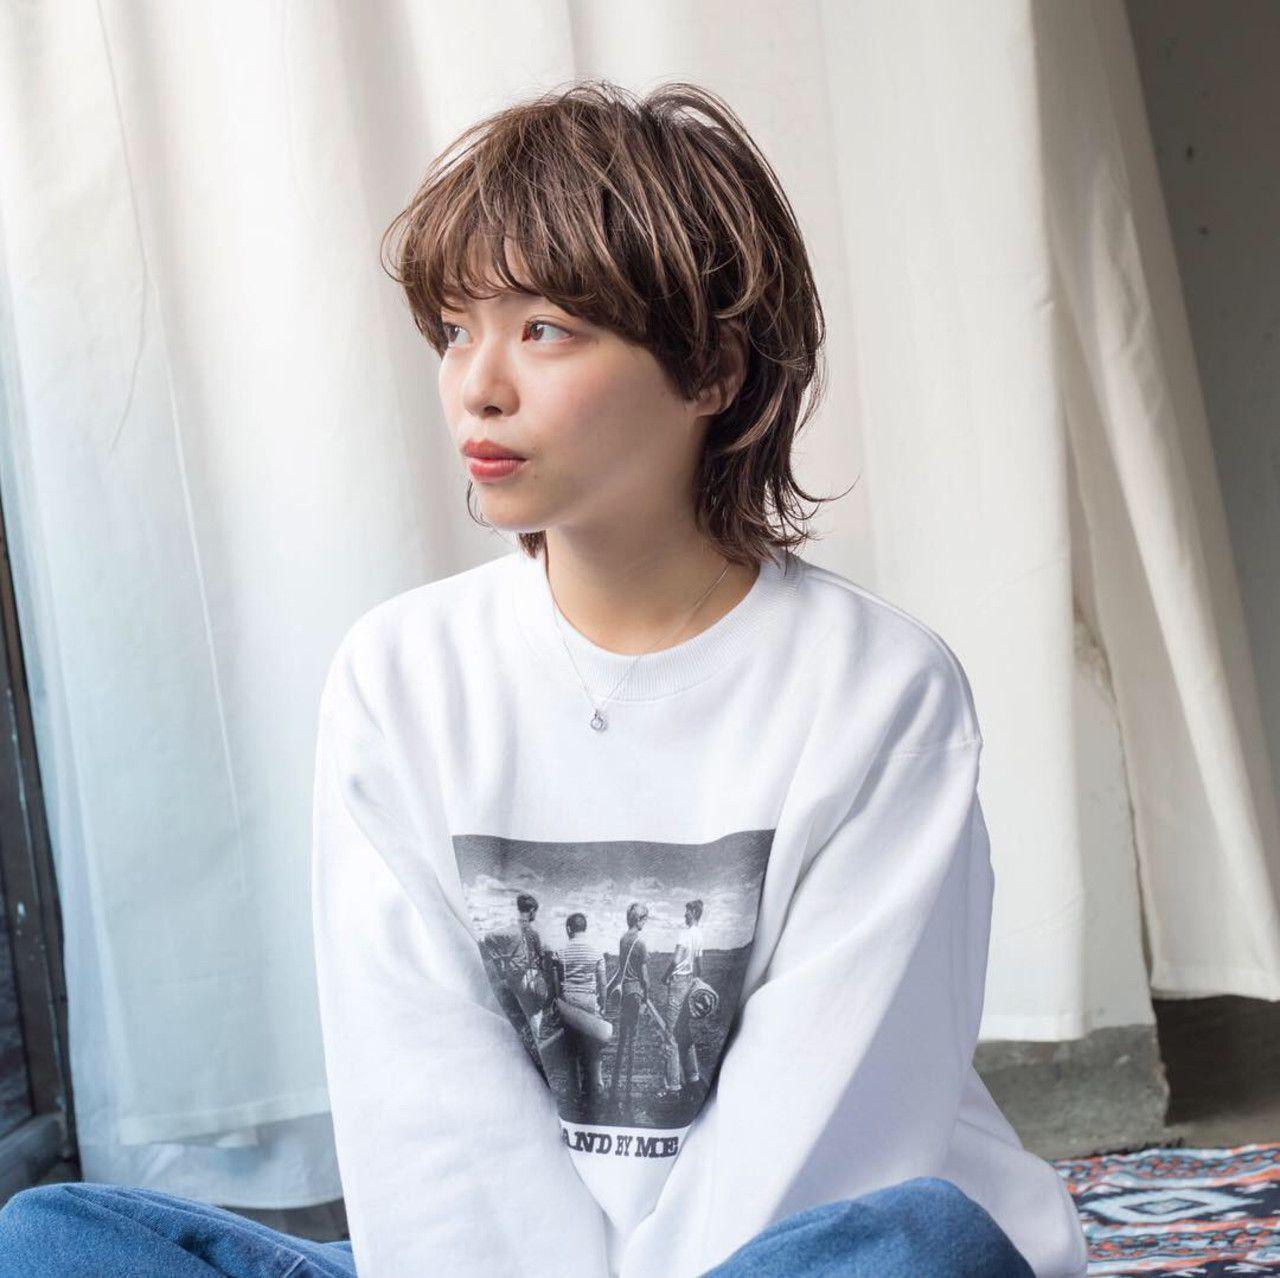 Pin by Lesleigh on hairstyles in 2020 | Korean short hair ...